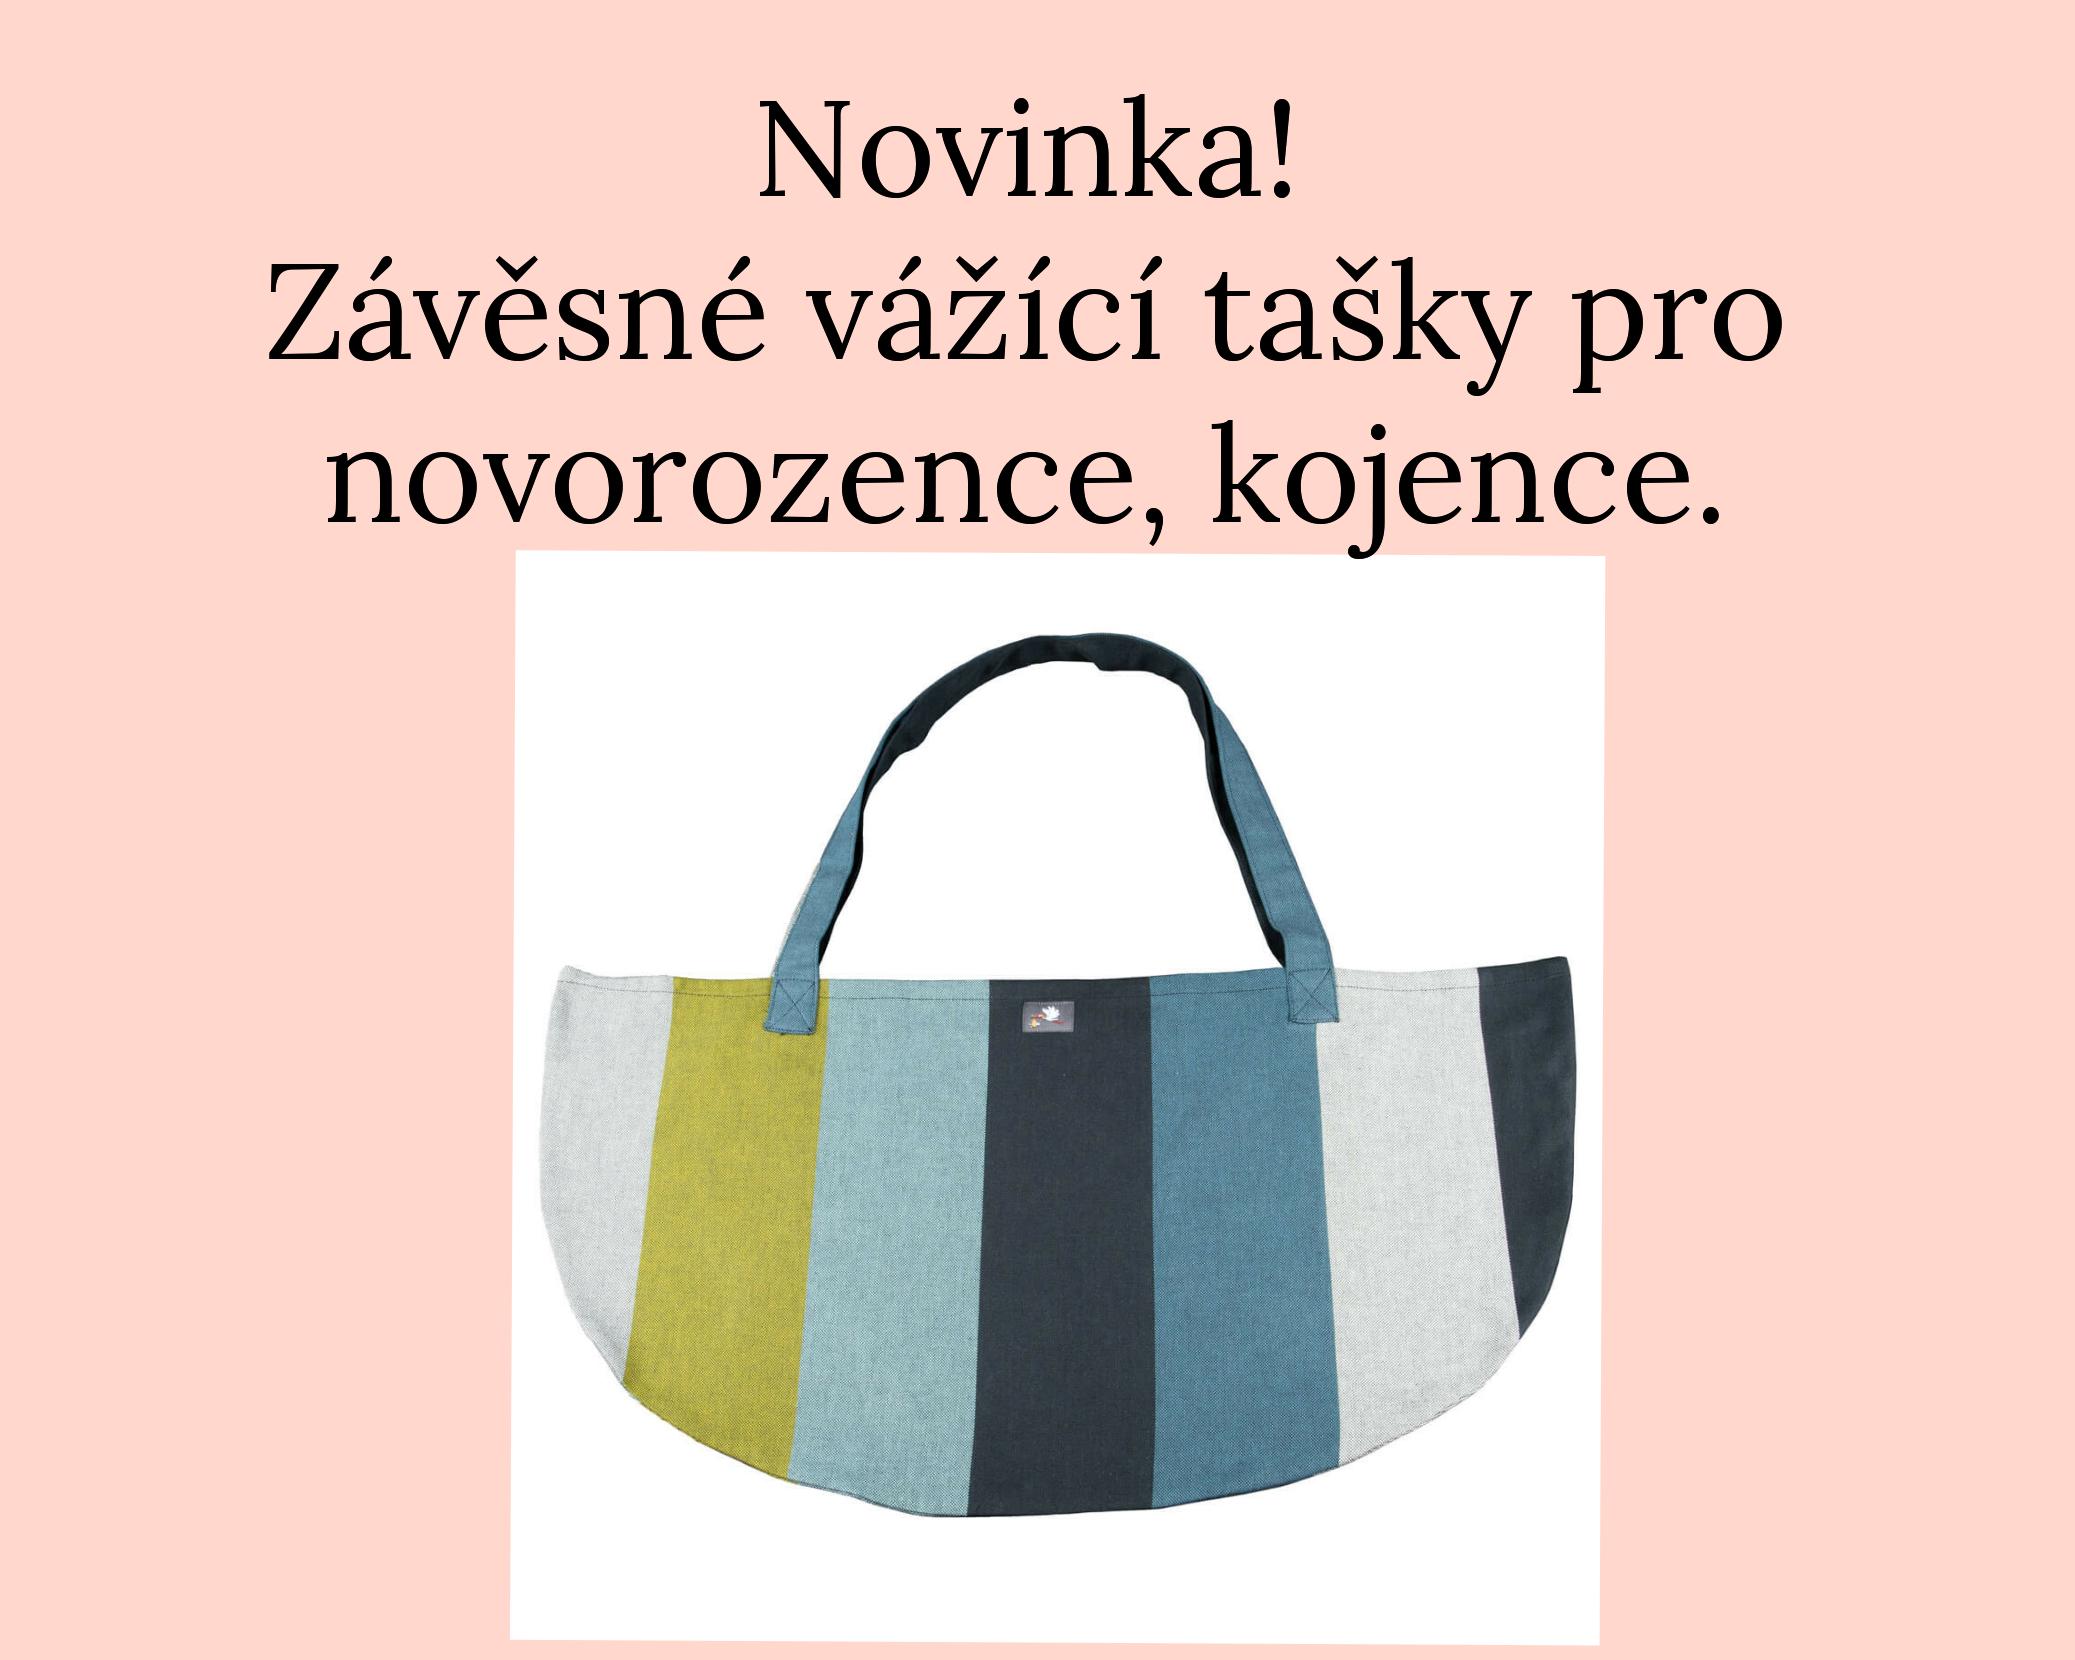 tašky pro novorozence, kojence